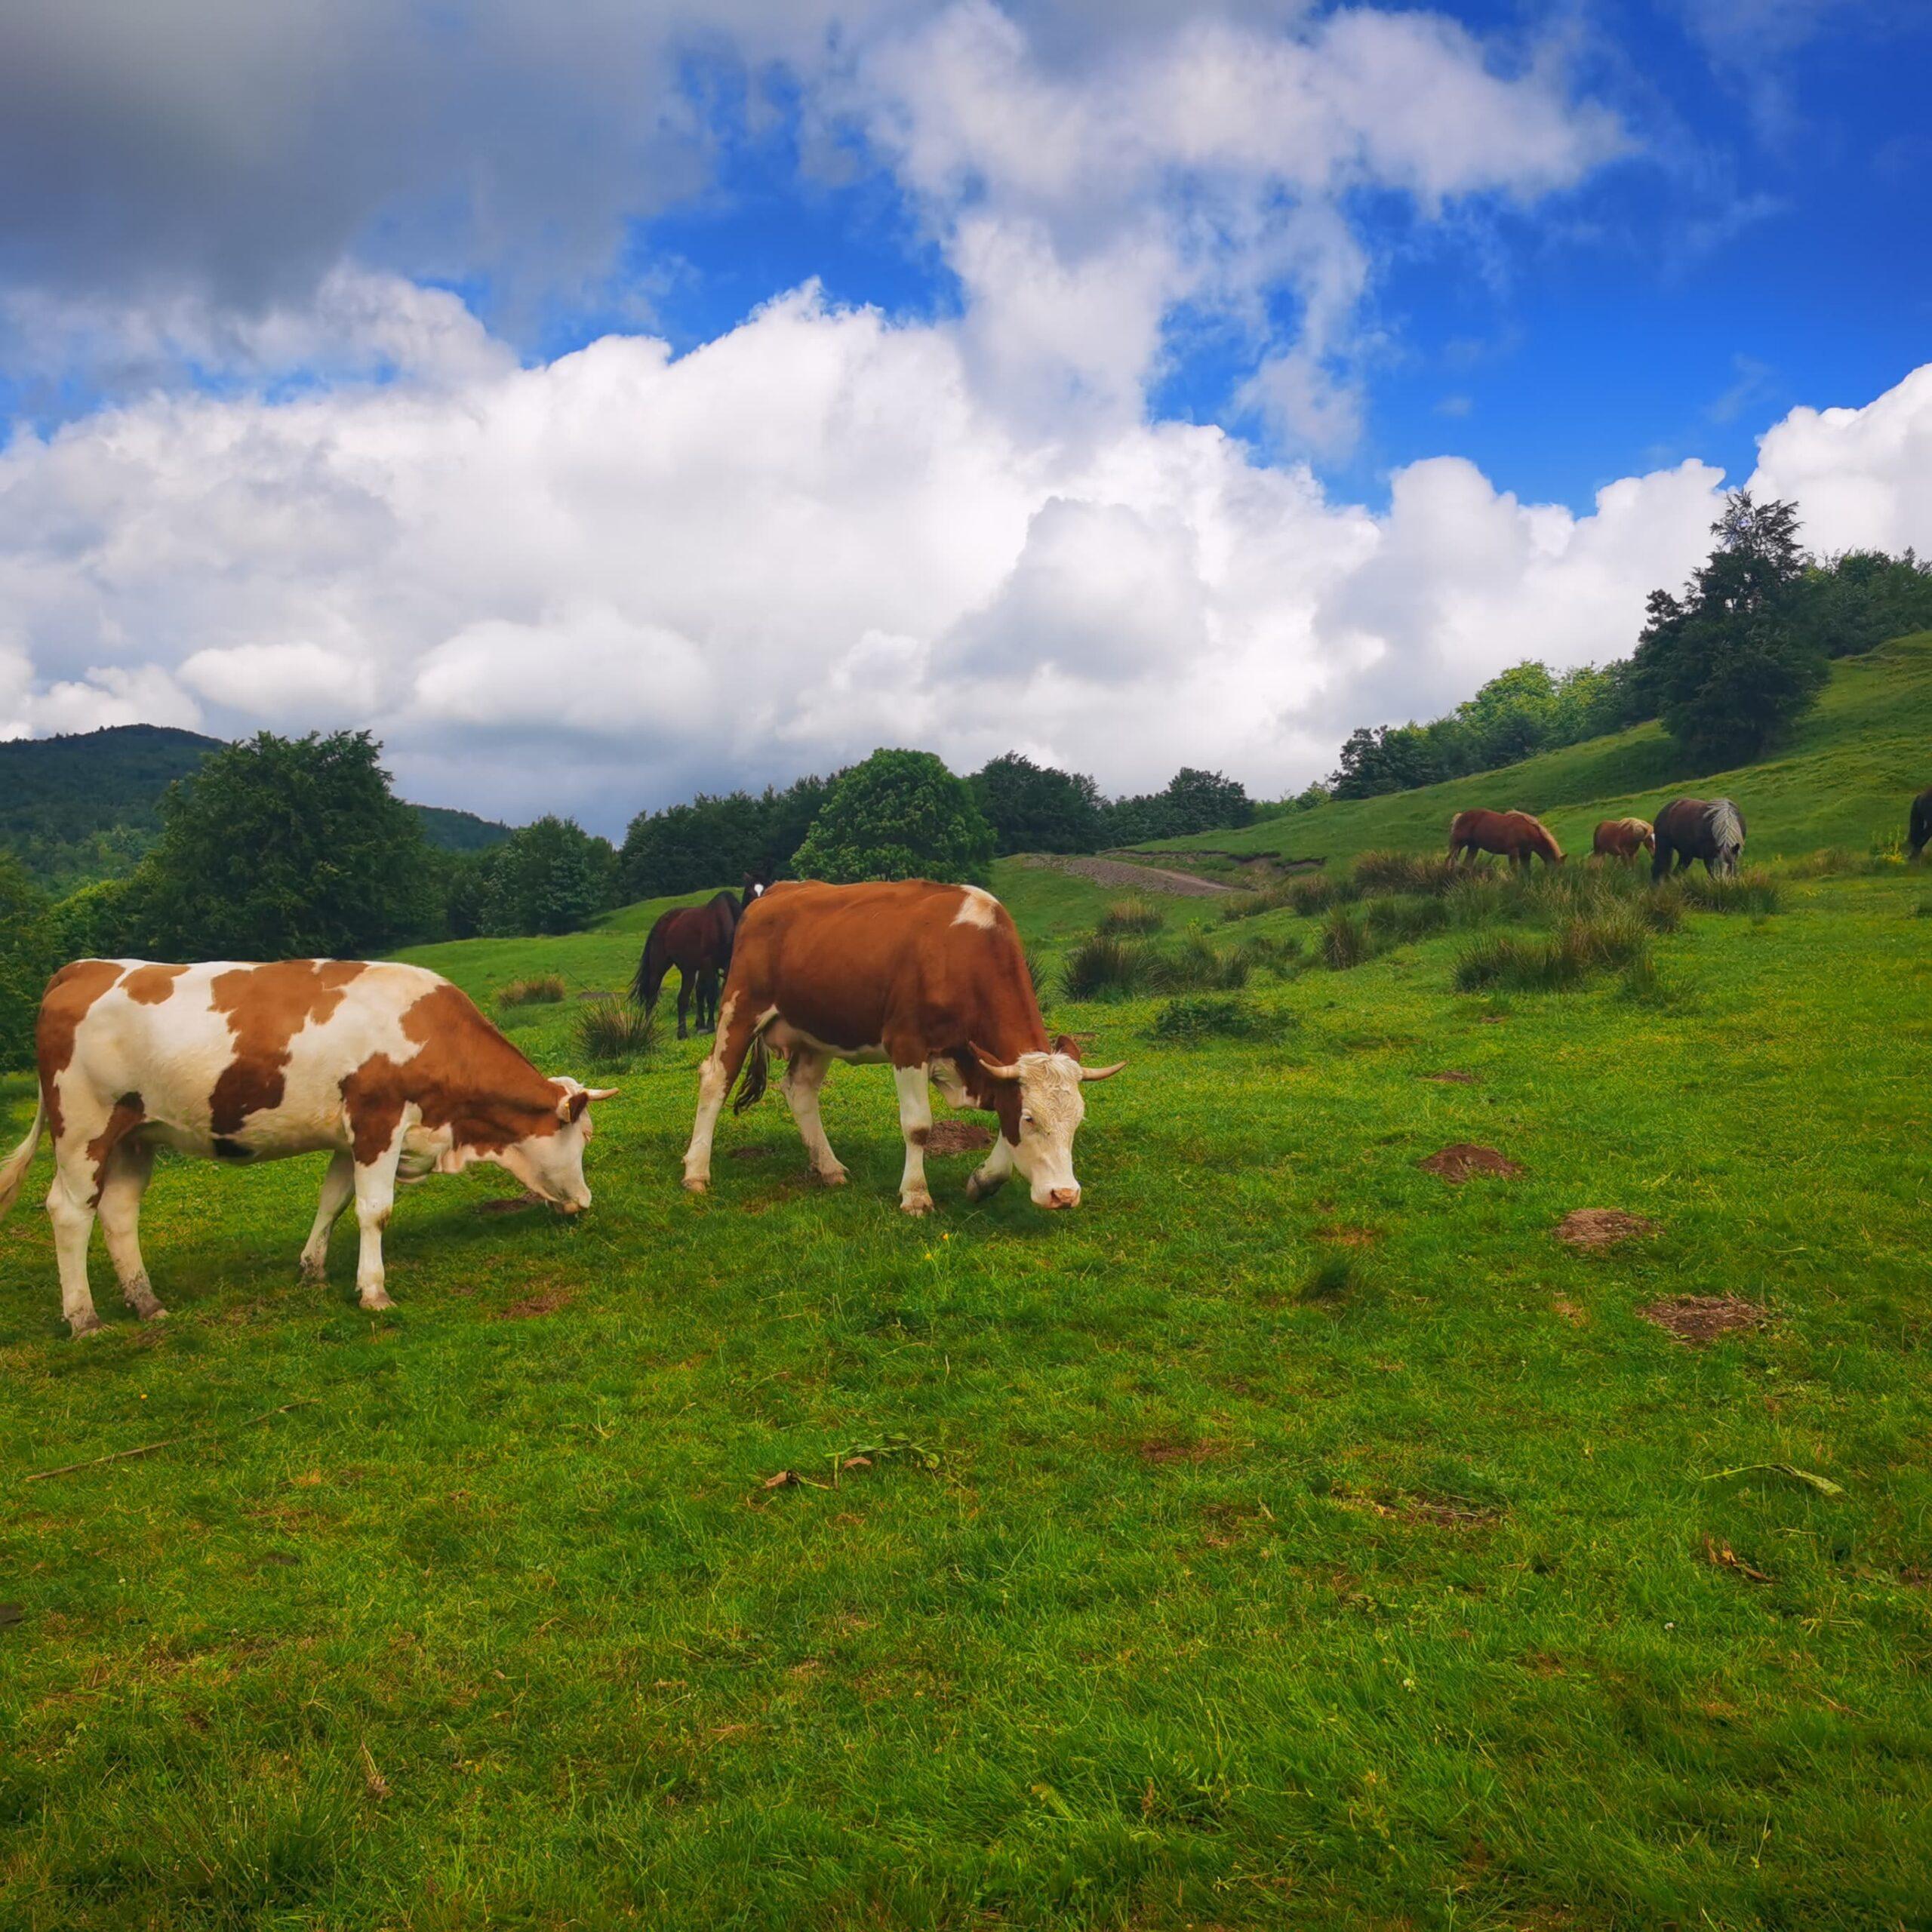 """Prețul laptelui: """"Vorbim de o impunere a preţului şi nu de o negociere"""". Asocierea crescătorilor, şansa de salvare a domeniului zootehnic. Stiri agricole"""